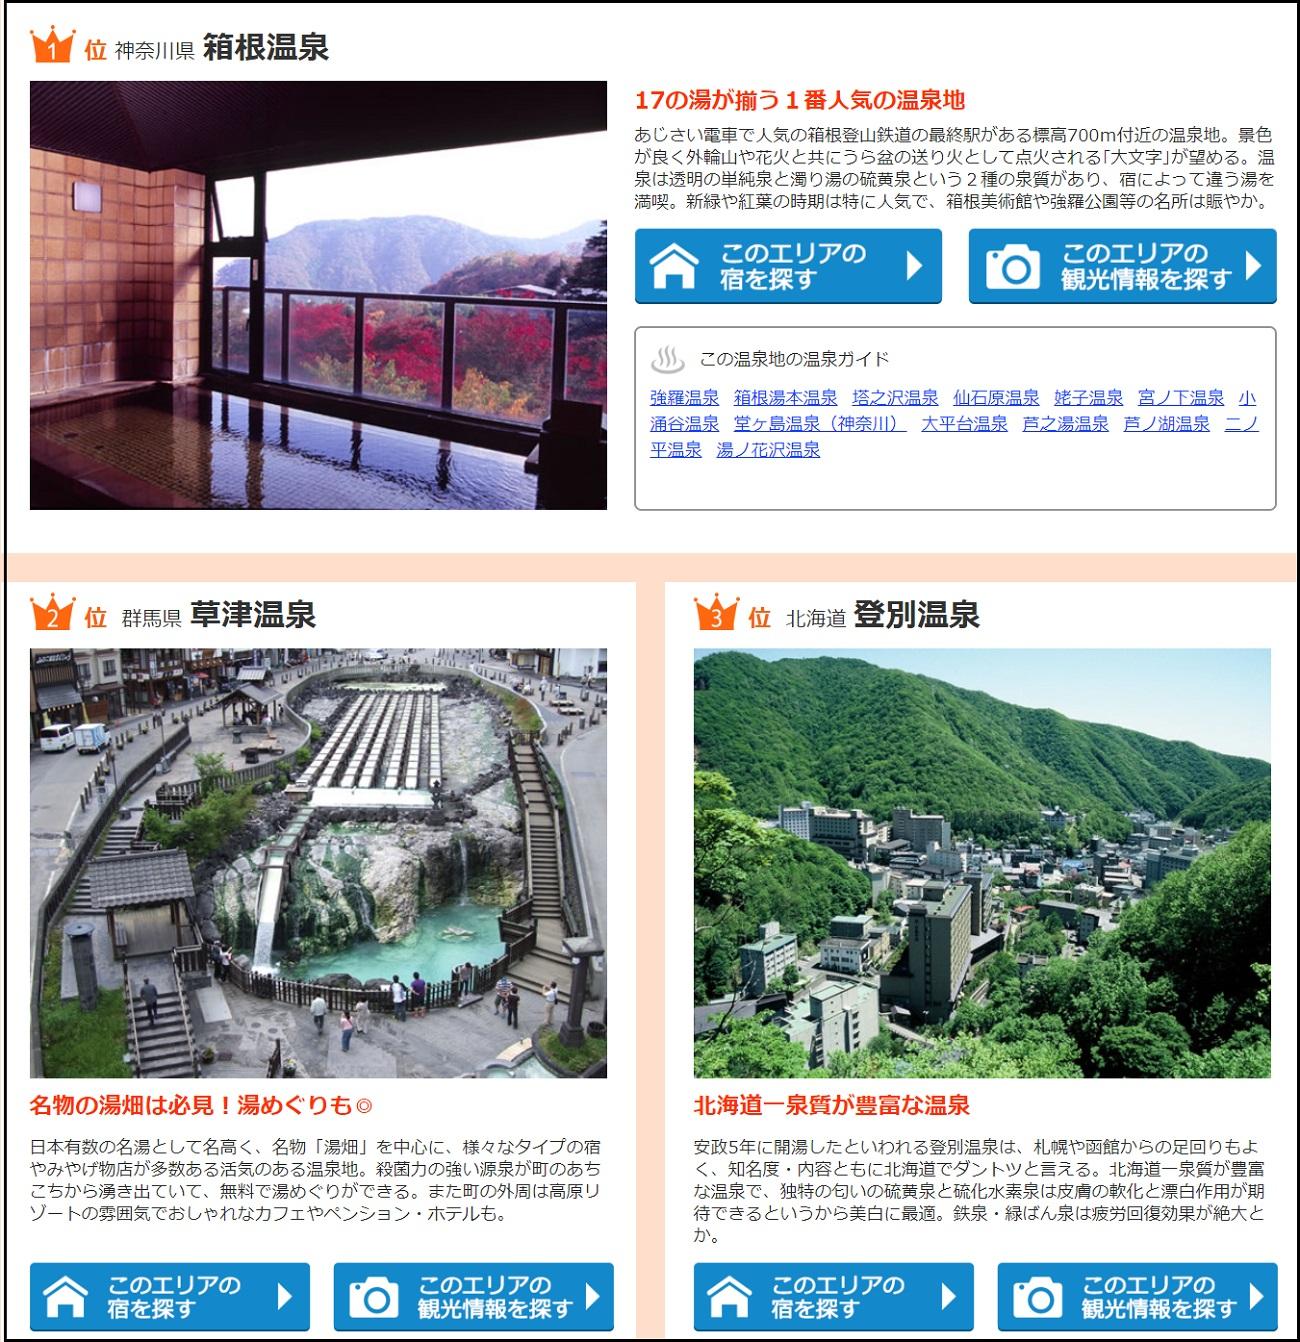 人気温泉地は箱根、草津、登別